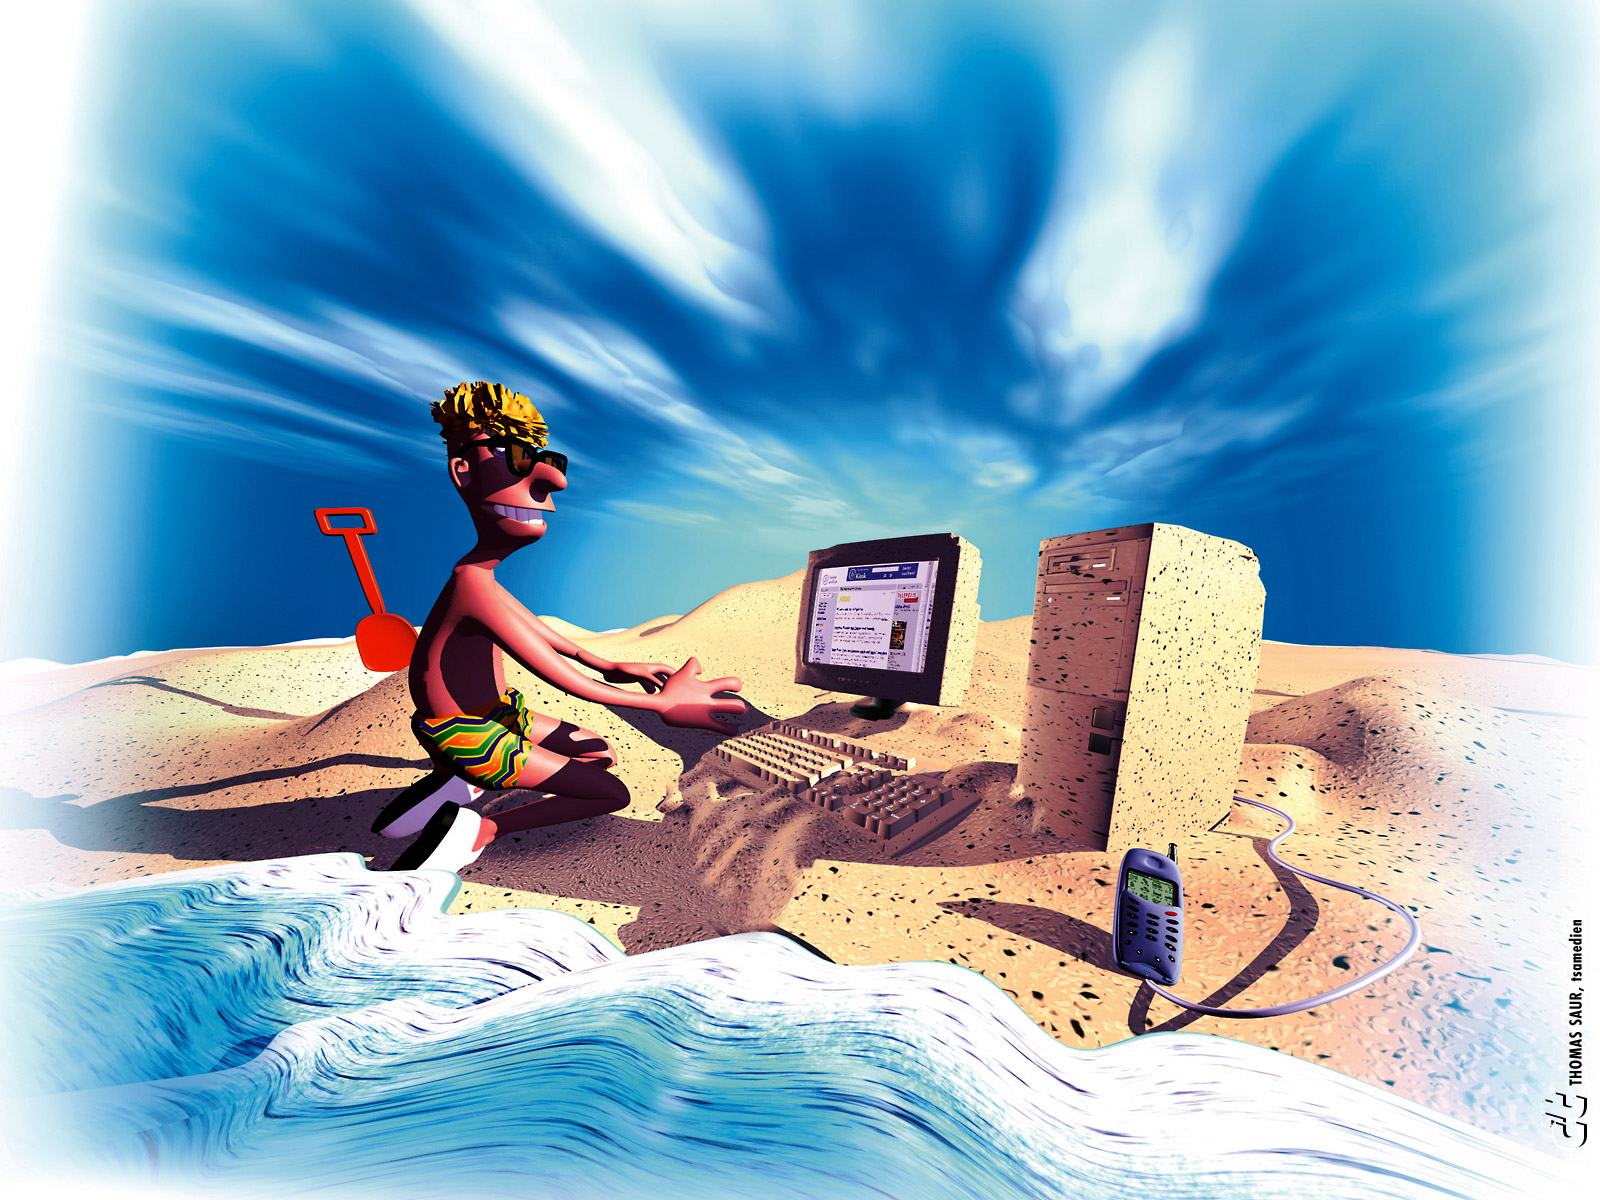 декоративного открытка любителю компьютерных игр декоративной отделкой